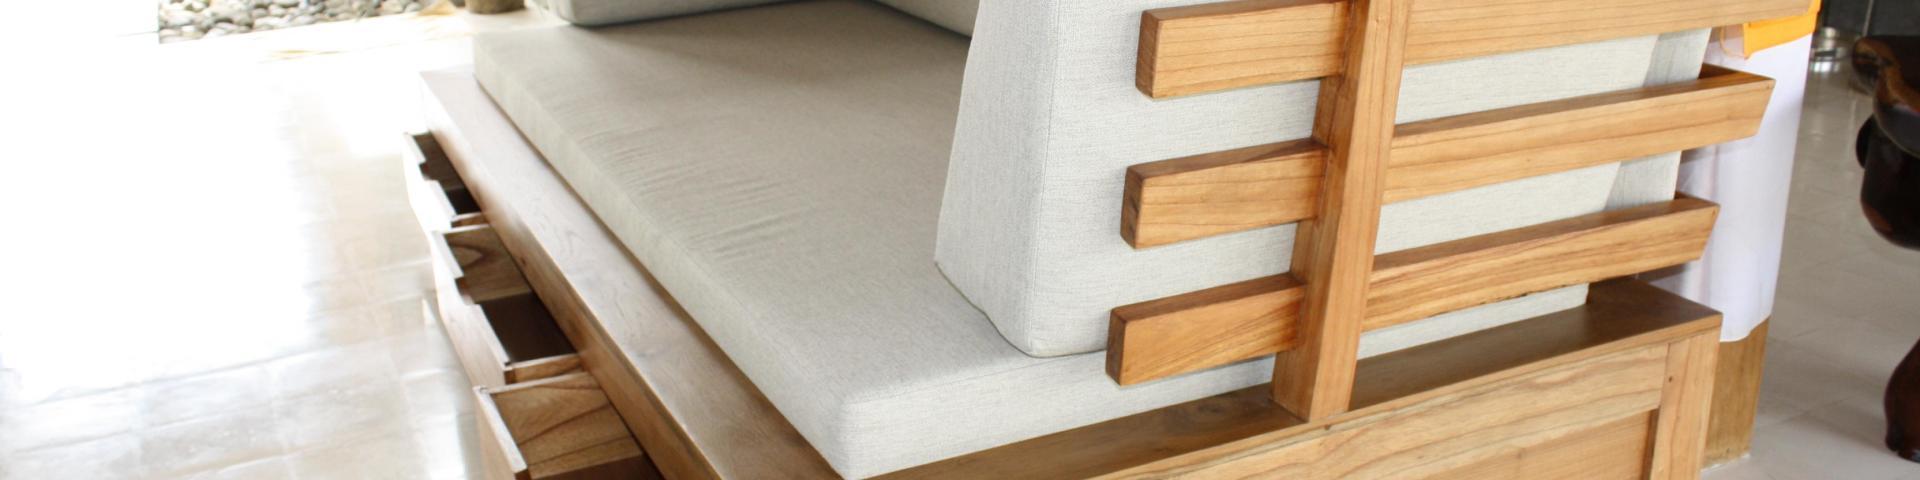 canap palette bois canap palettes. Black Bedroom Furniture Sets. Home Design Ideas